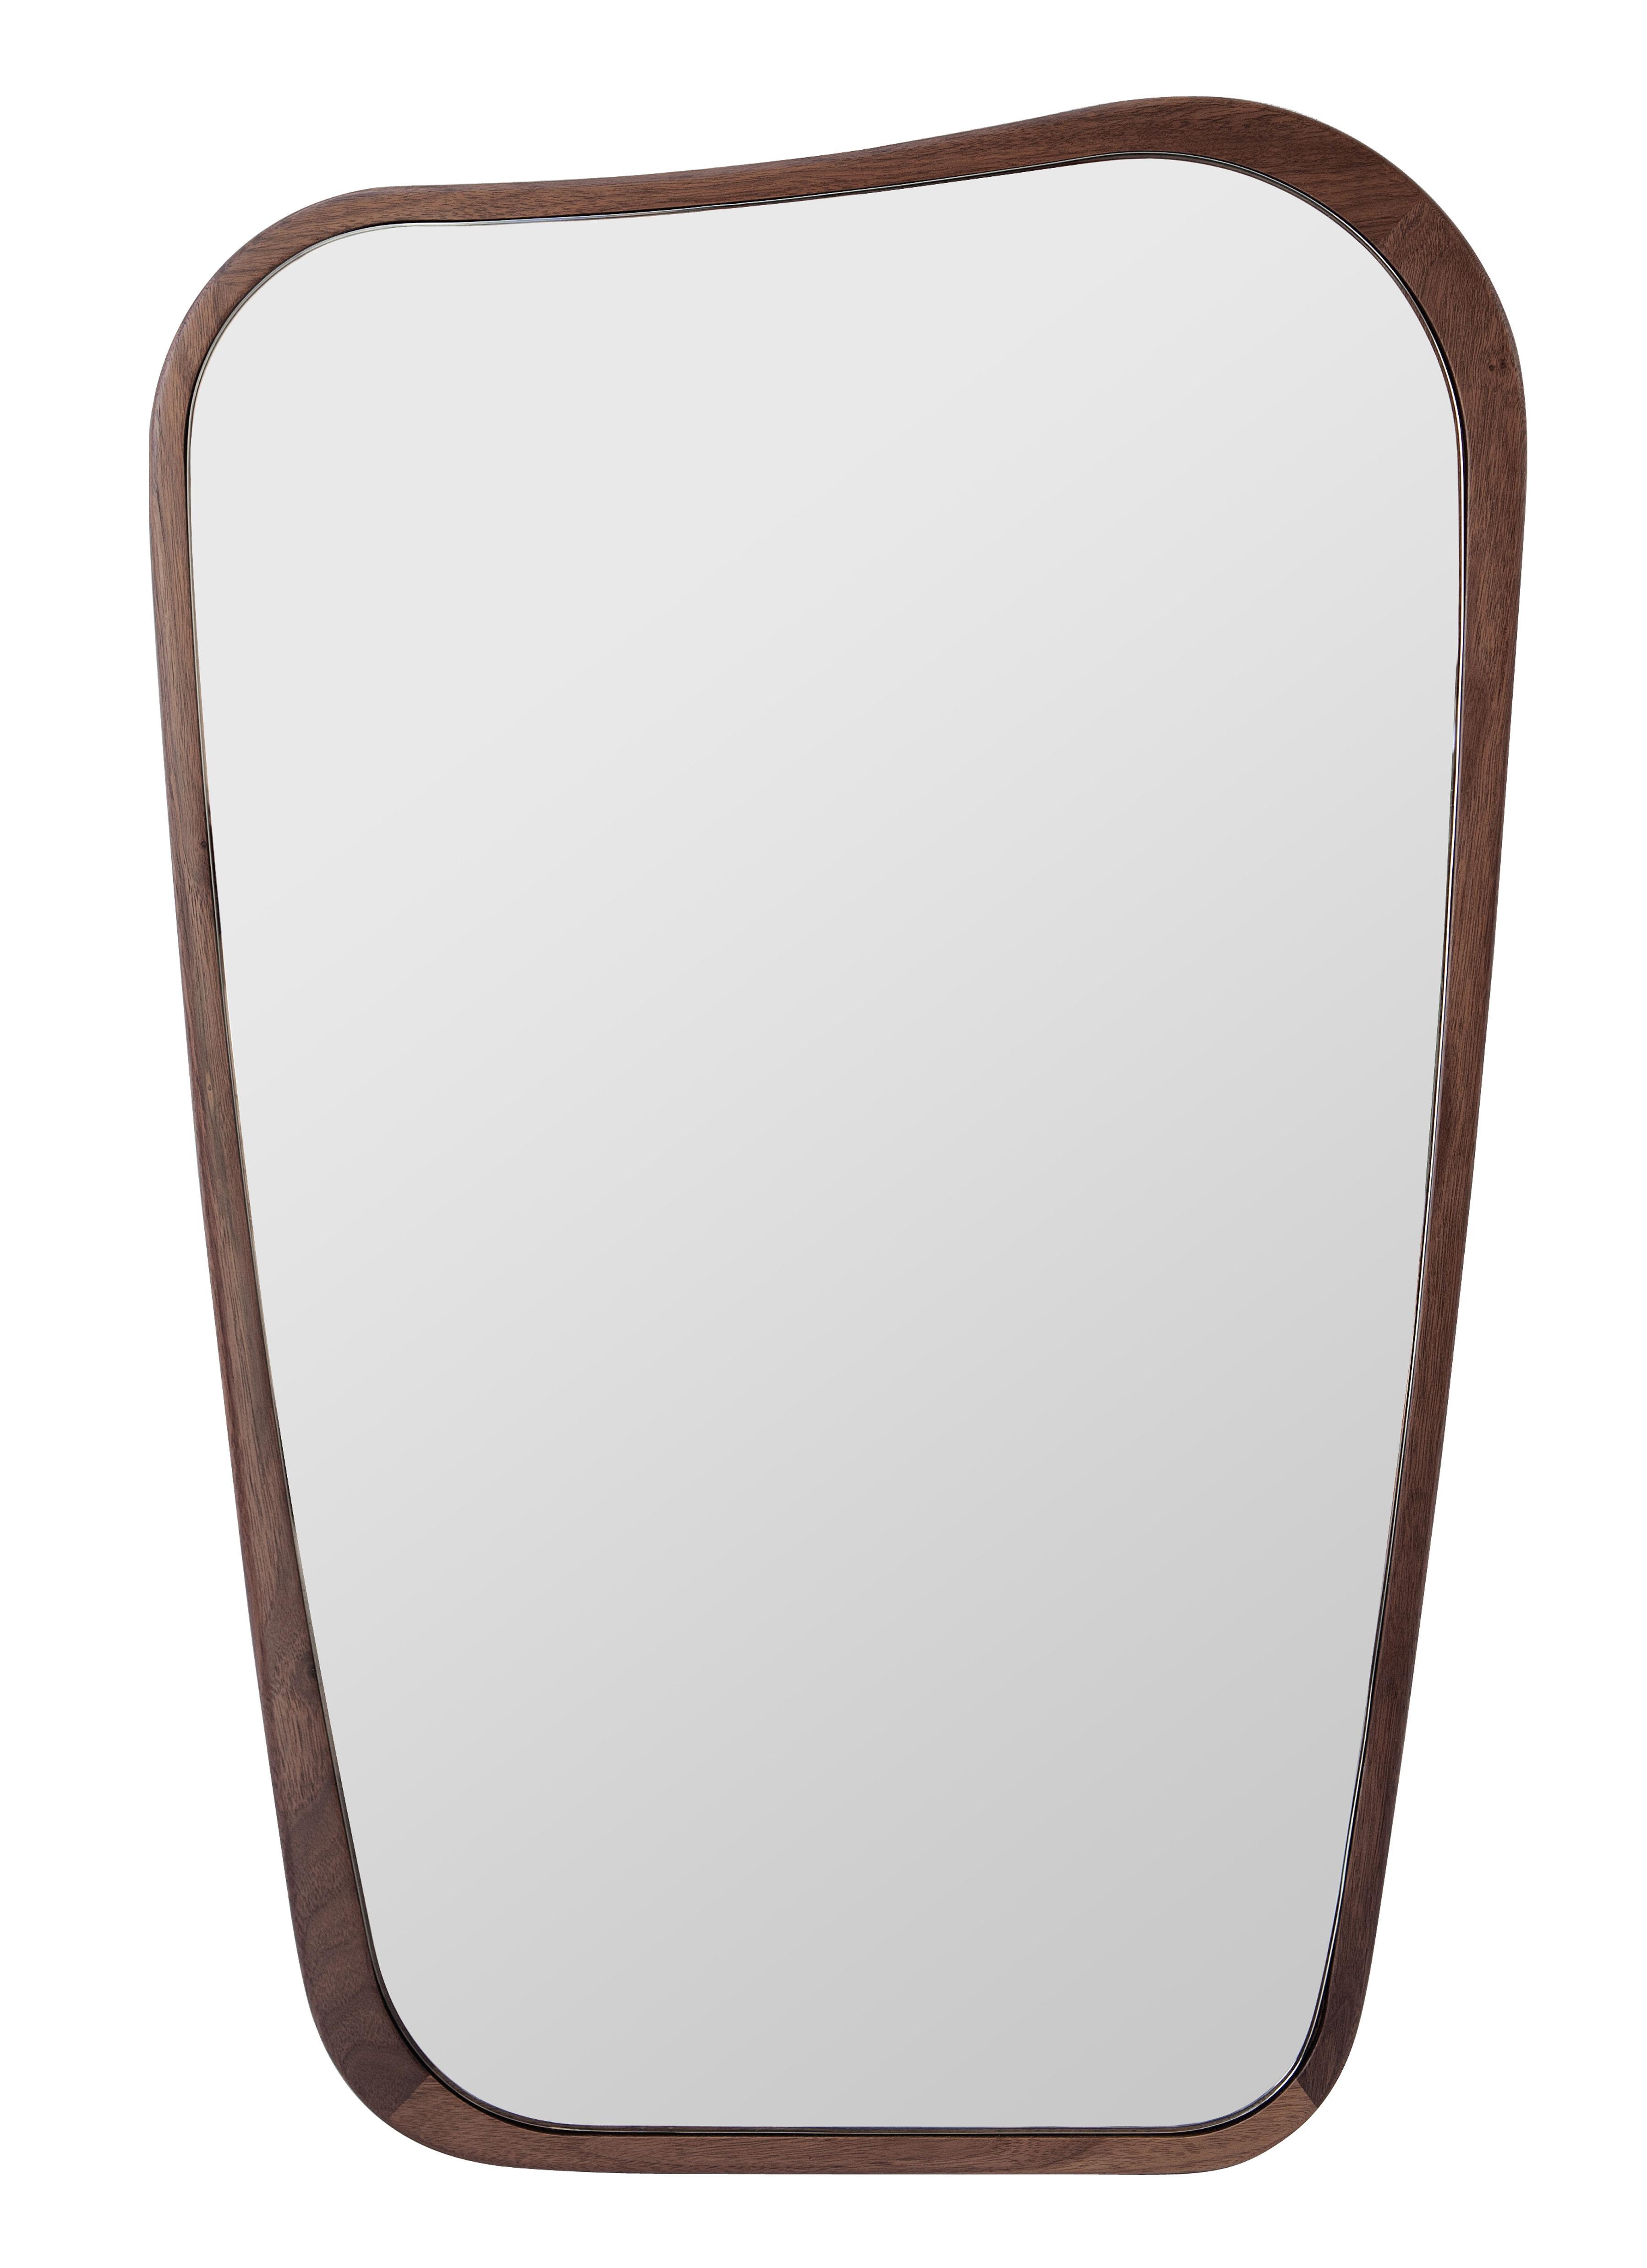 Miroir organique petit 50 x 75 cm noyer maison sarah - Miroir sarah lavoine ...